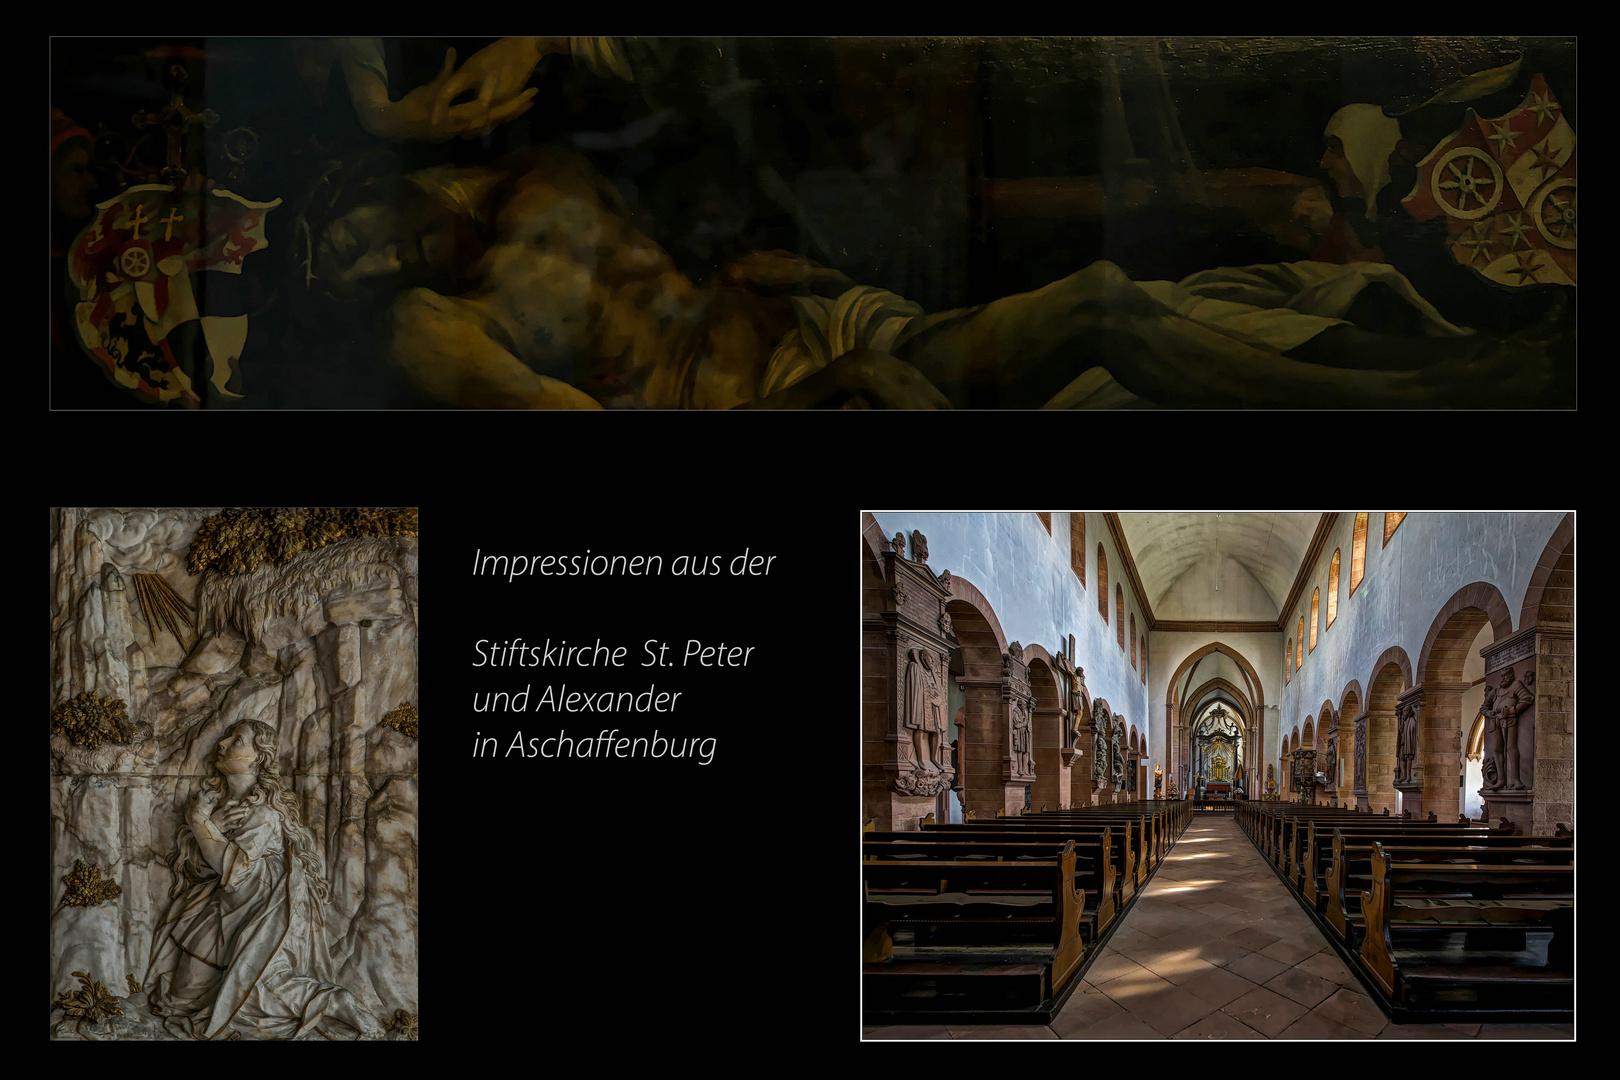 *** Impressionen aus der Stiftskirche St. Peter u Alexander in Aschaffenburg ***